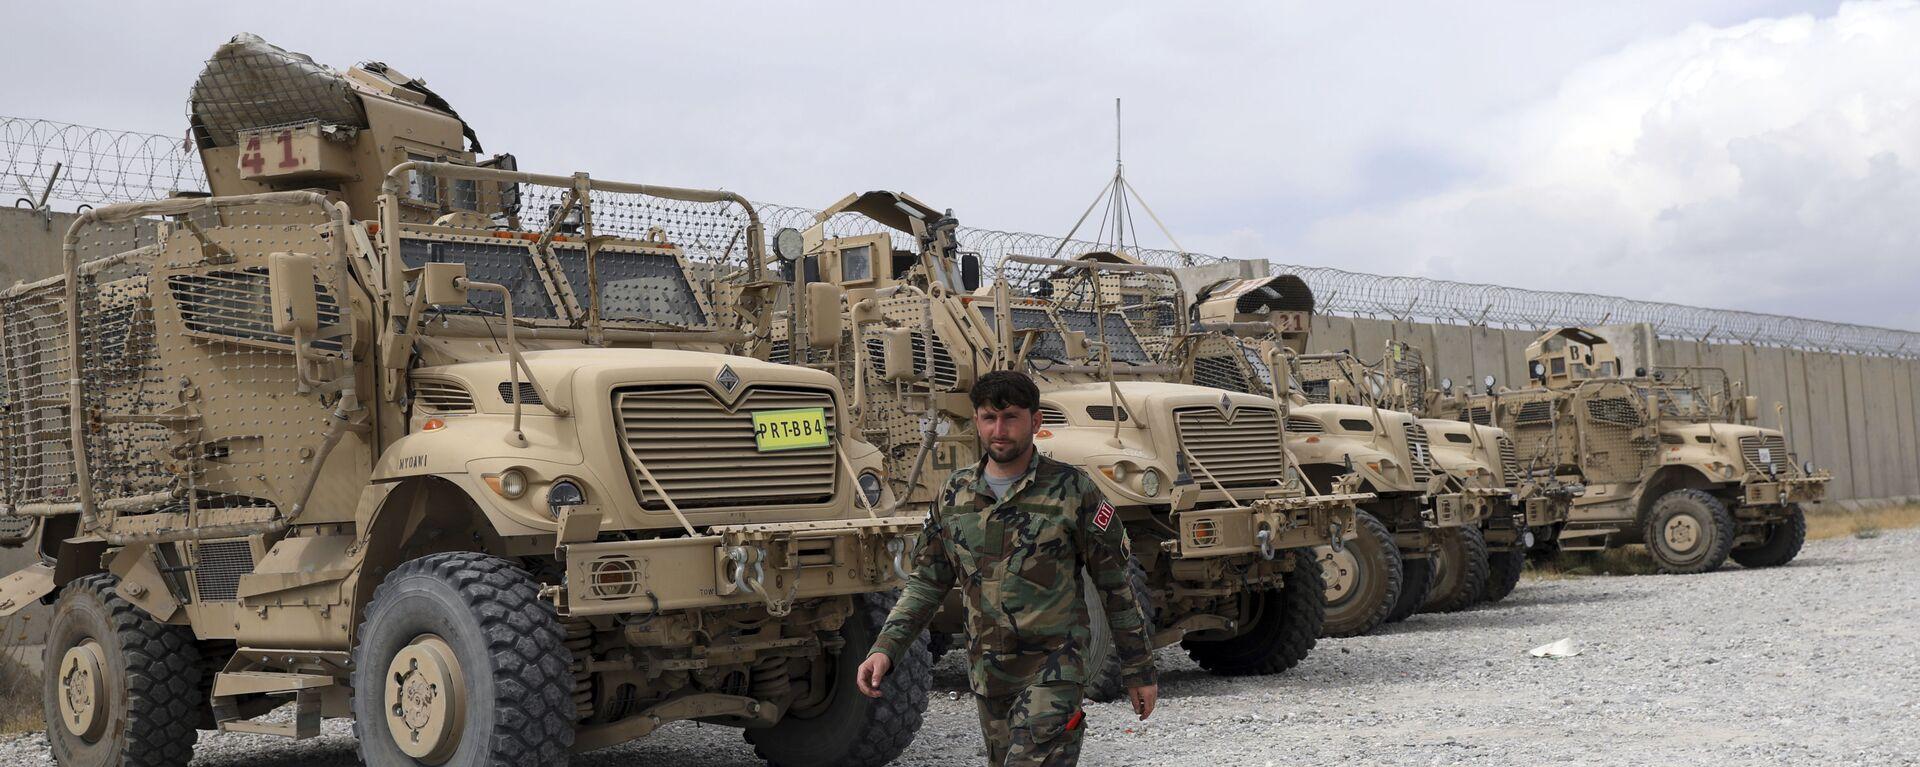 Американские бронемашины MRAP на базе Баграм в Афганистане  - Sputnik Тоҷикистон, 1920, 01.09.2021